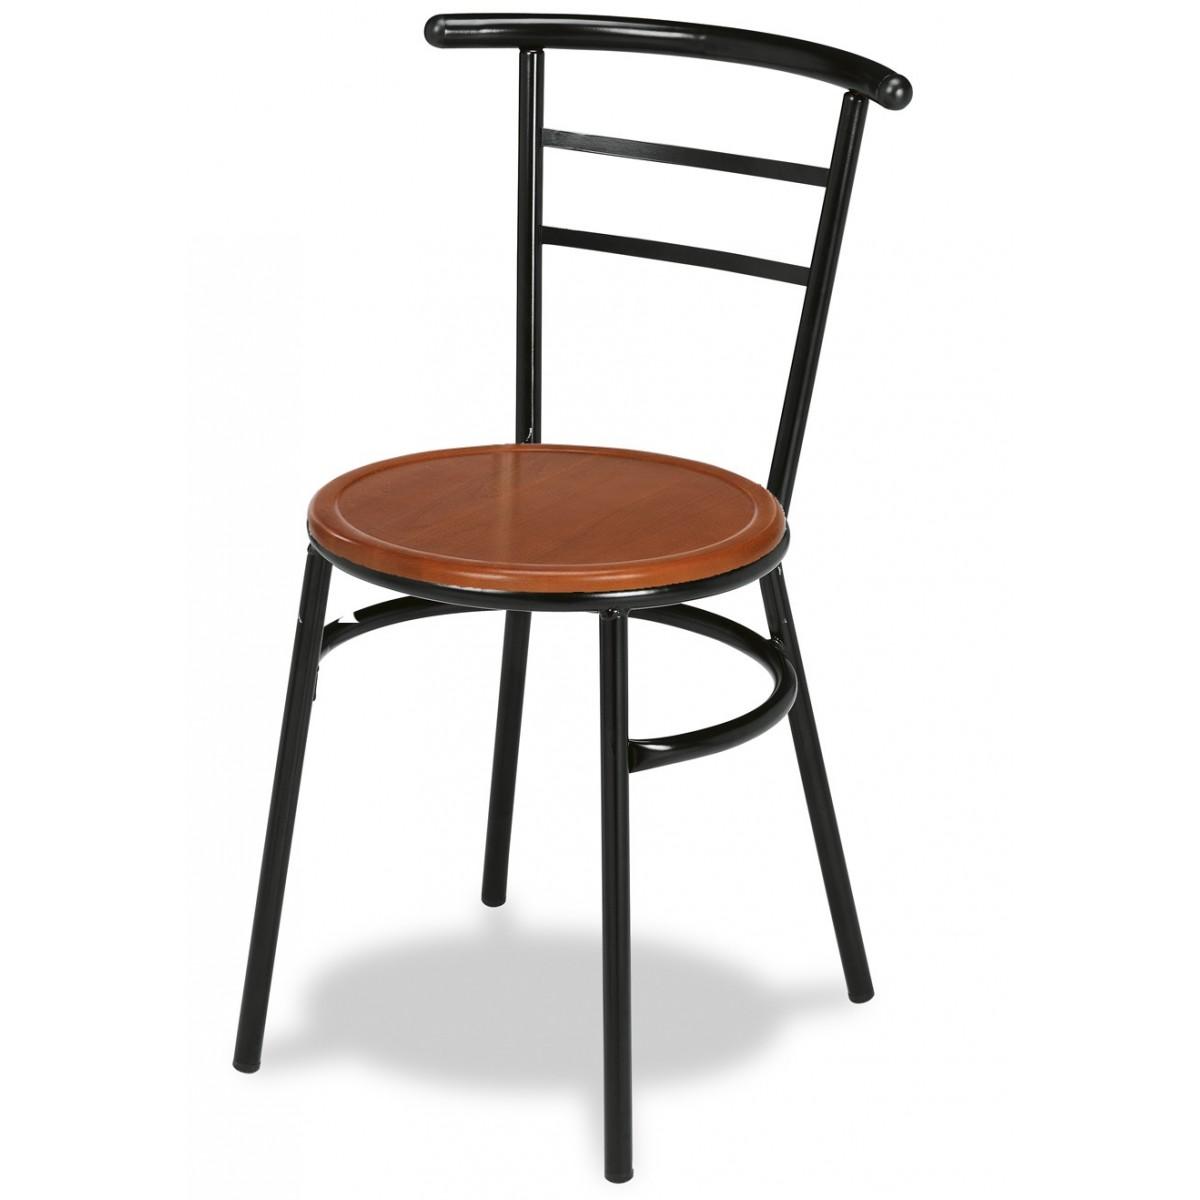 Silla para bar con asiento de madera canfranc for Sillas de madera para bar